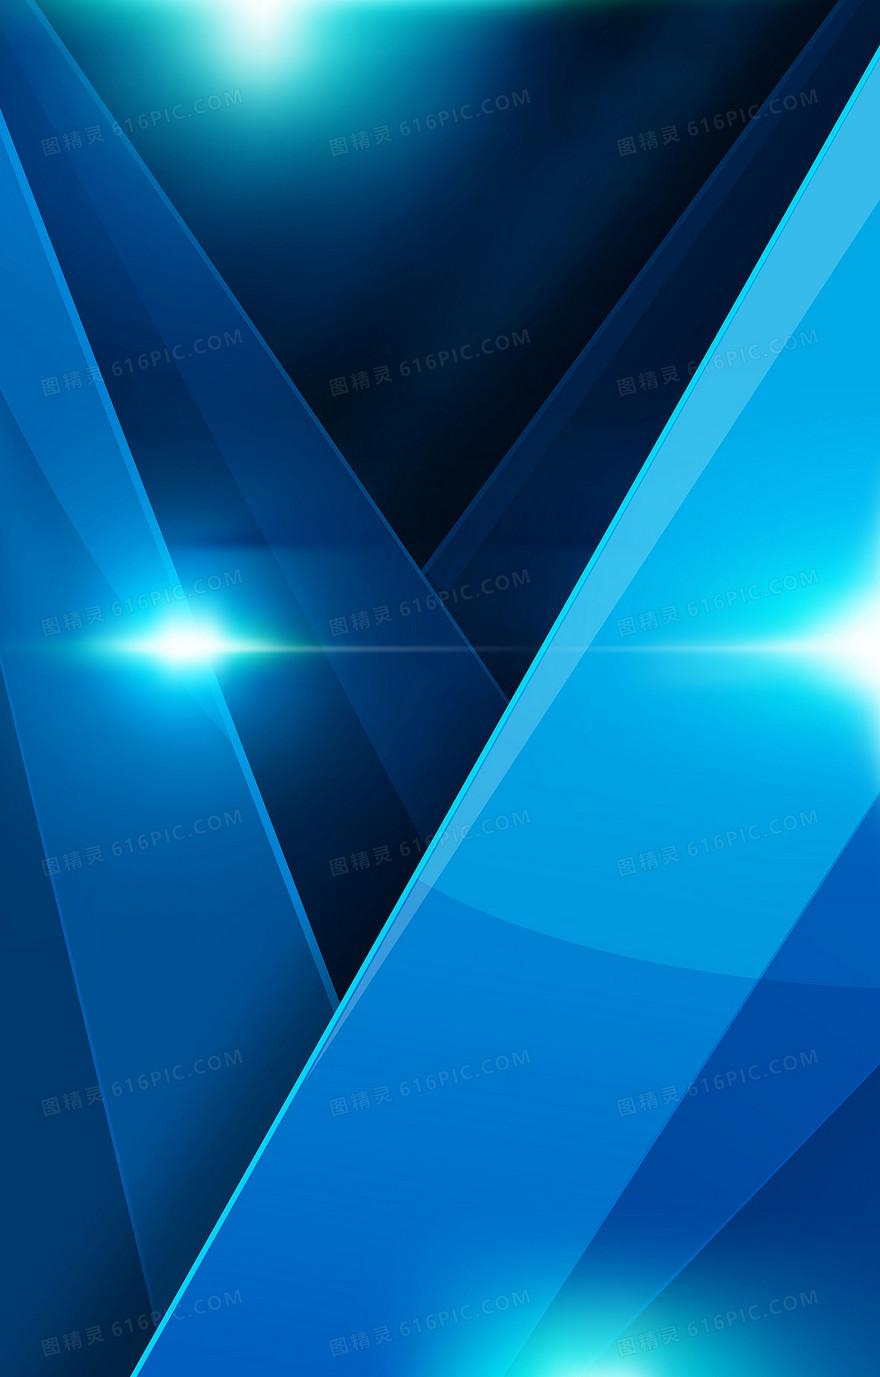 矢量几何蓝色科技背景